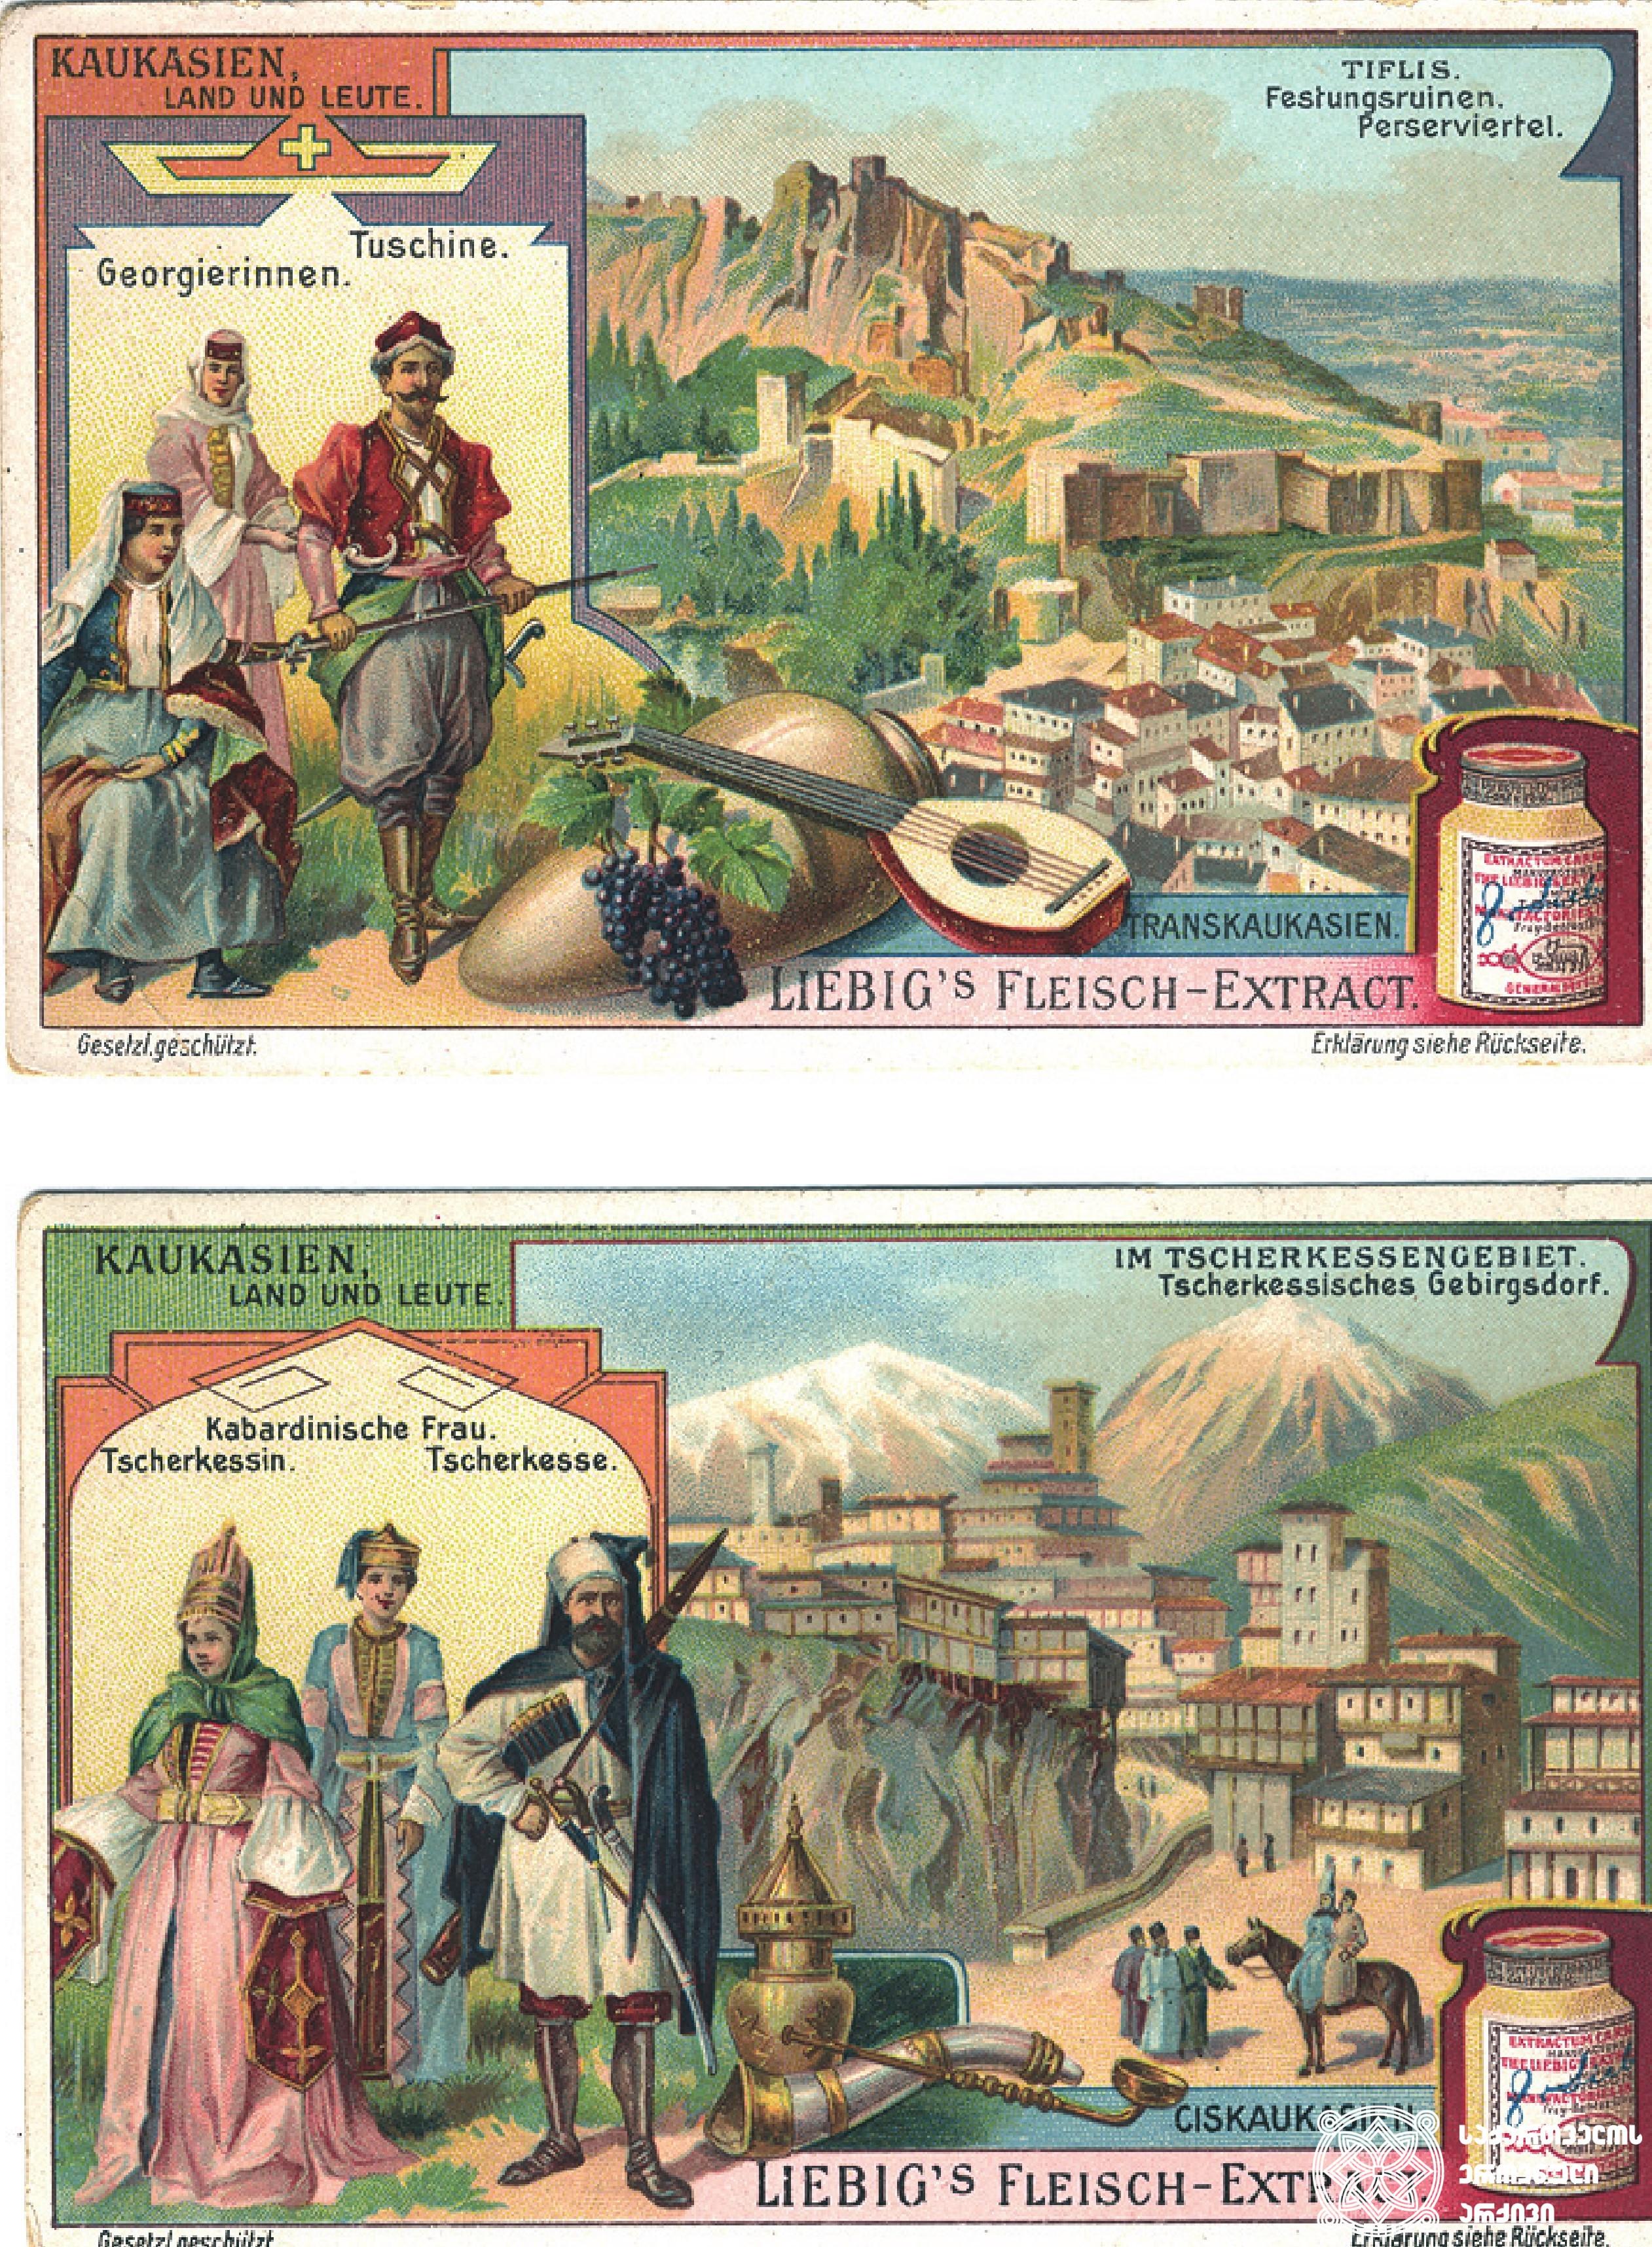 """ფერად ბარათებზე ასახული """"ეგზოტიკური"""" ცხოვრება კავკასიაში <br> გეორგ ჰამანის კოლექციიდან <br> Colourful collectable cards depicting the """"exotic"""" life in the Caucasus <br> From the collection of Georg Hamann"""